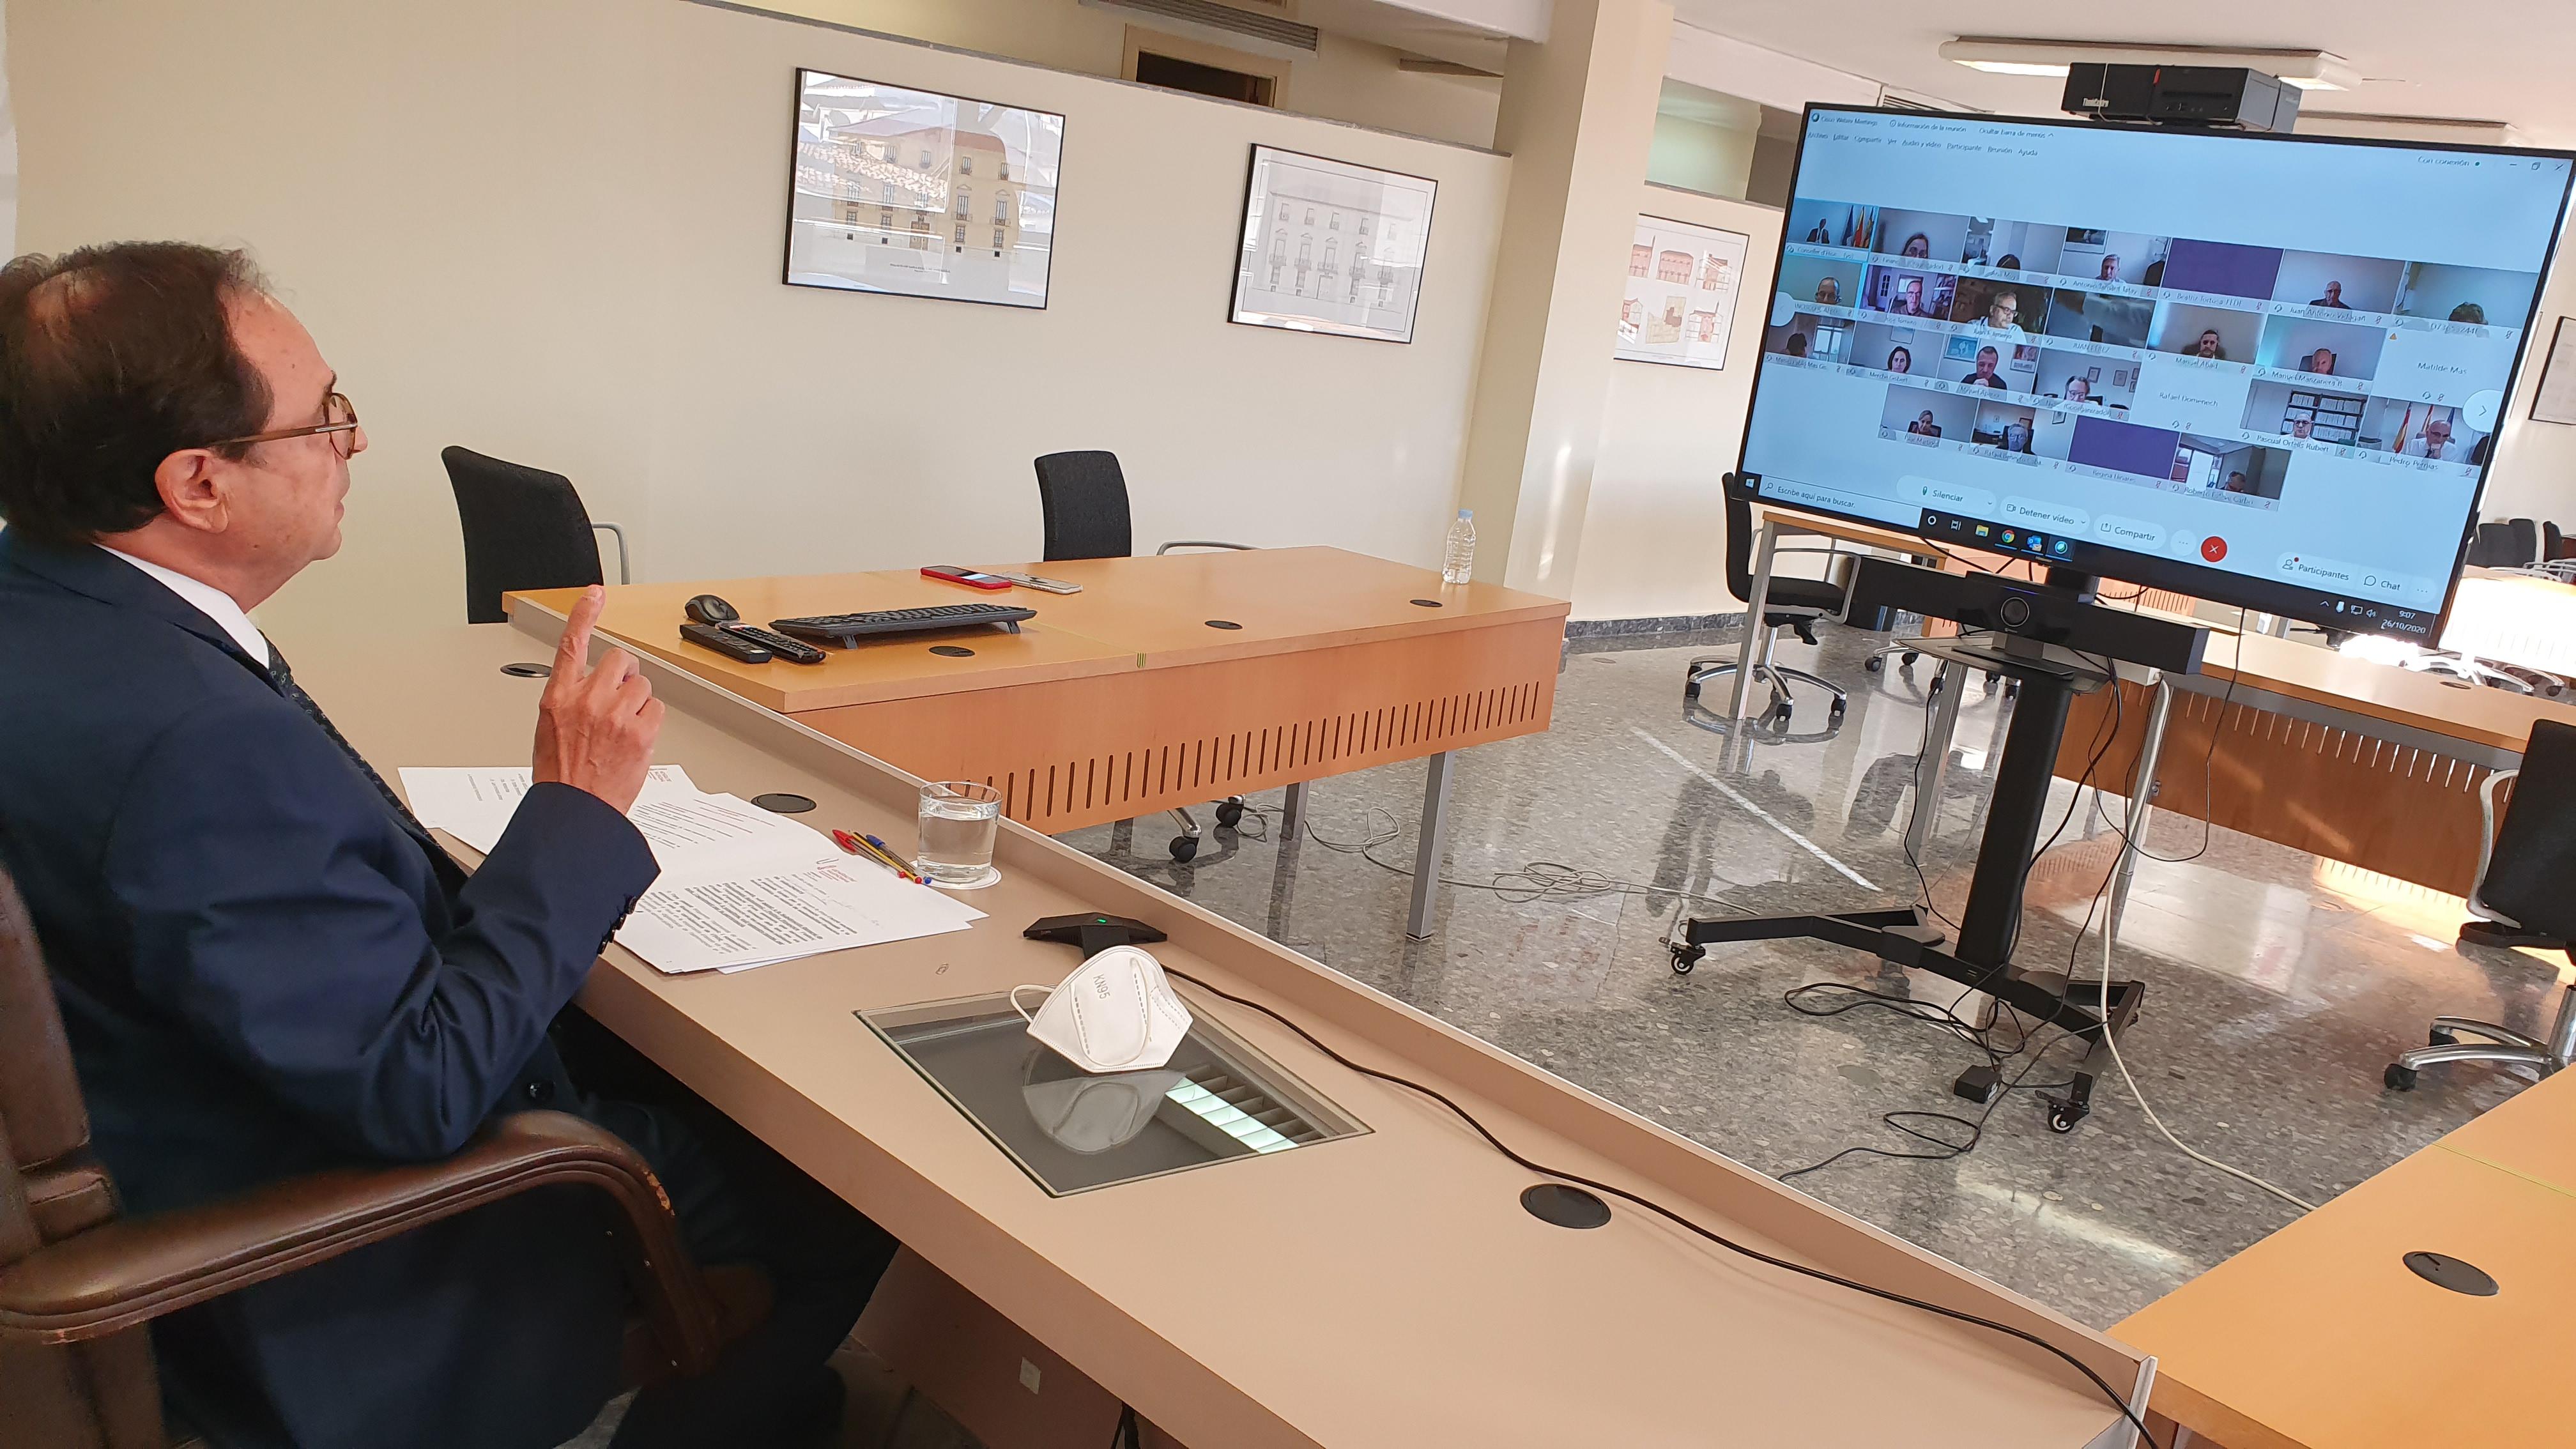 Soler destaca el reto de la digitalización de la Administración para garantizar un eficaz funcionamiento de los servicios públicos